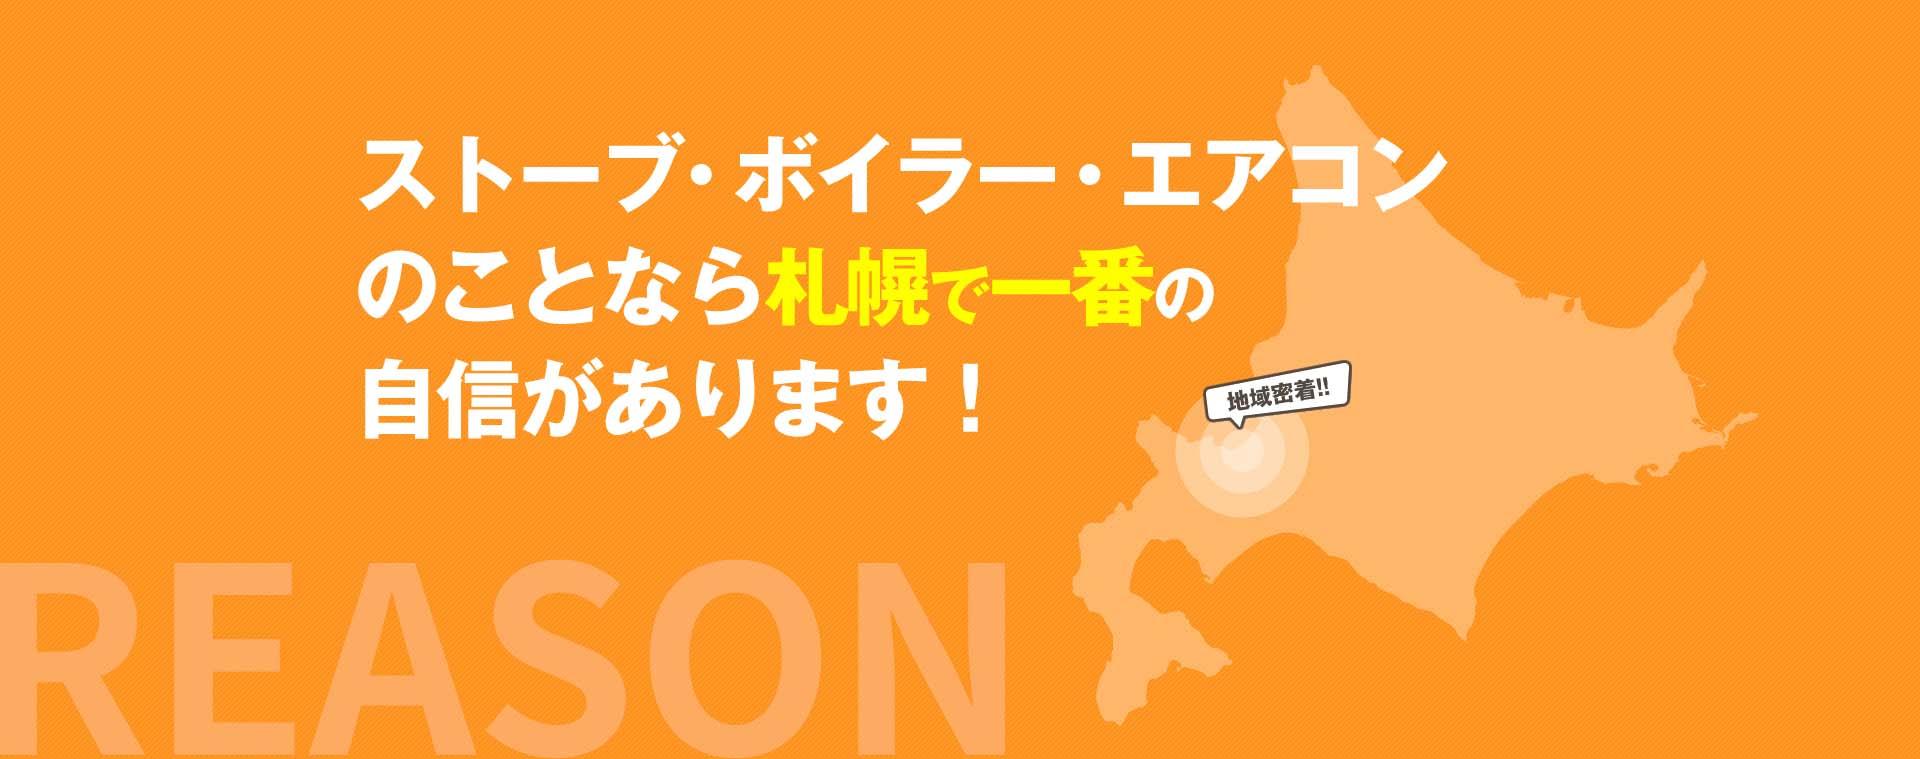 ストーブ・ボイラー・エアコンのことなら札幌で一番の自信があります!